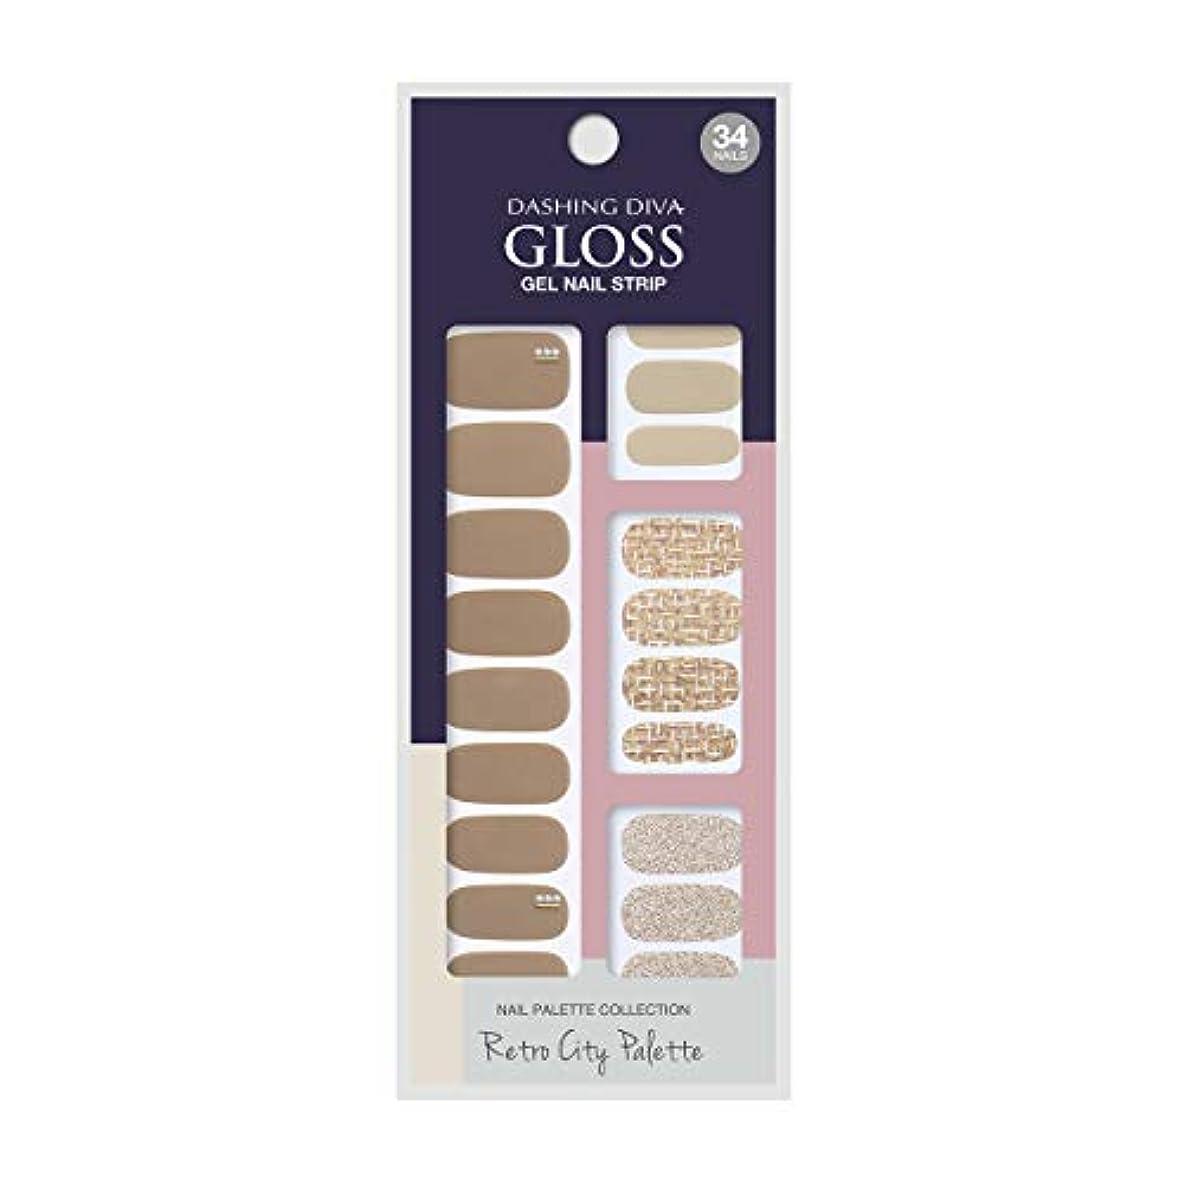 異形取る等ダッシングディバ グロスジェル ネイルストリップ DASHING DIVA Gloss Gel Nail Strip GVP85 -DURY+ オリジナルジェル ネイルシール Tailor Shop